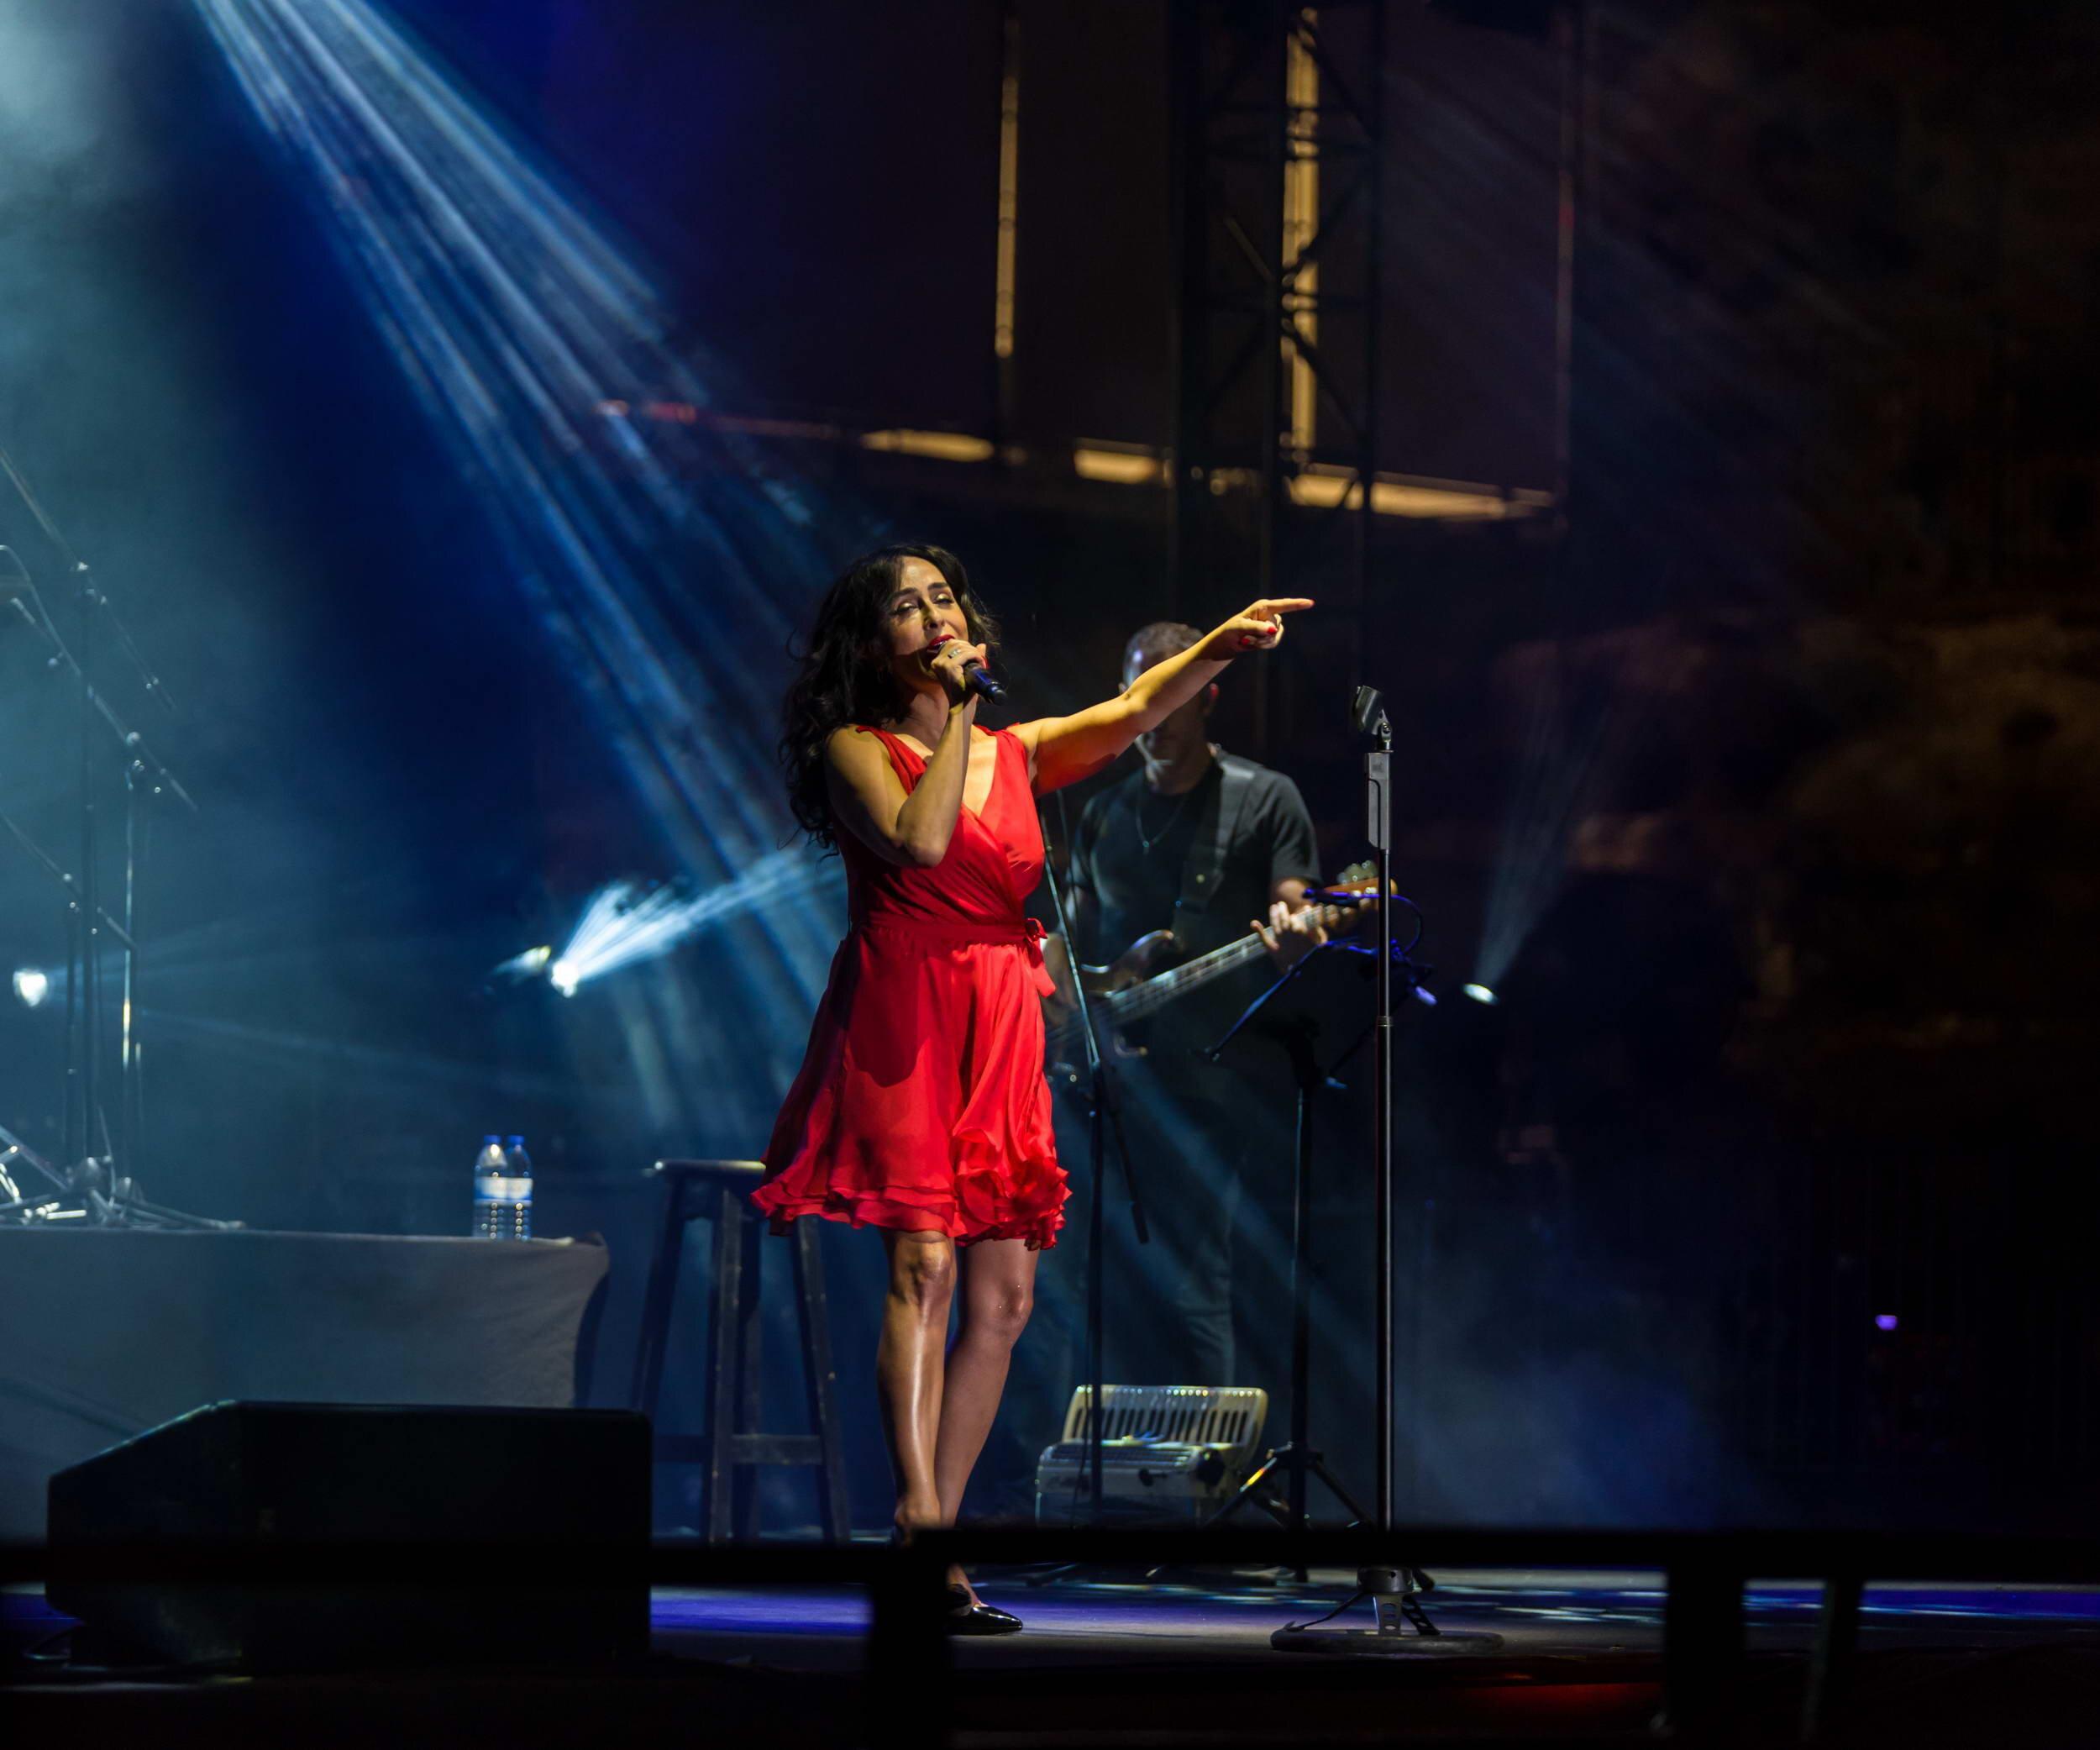 ריטה בהופעה חיה